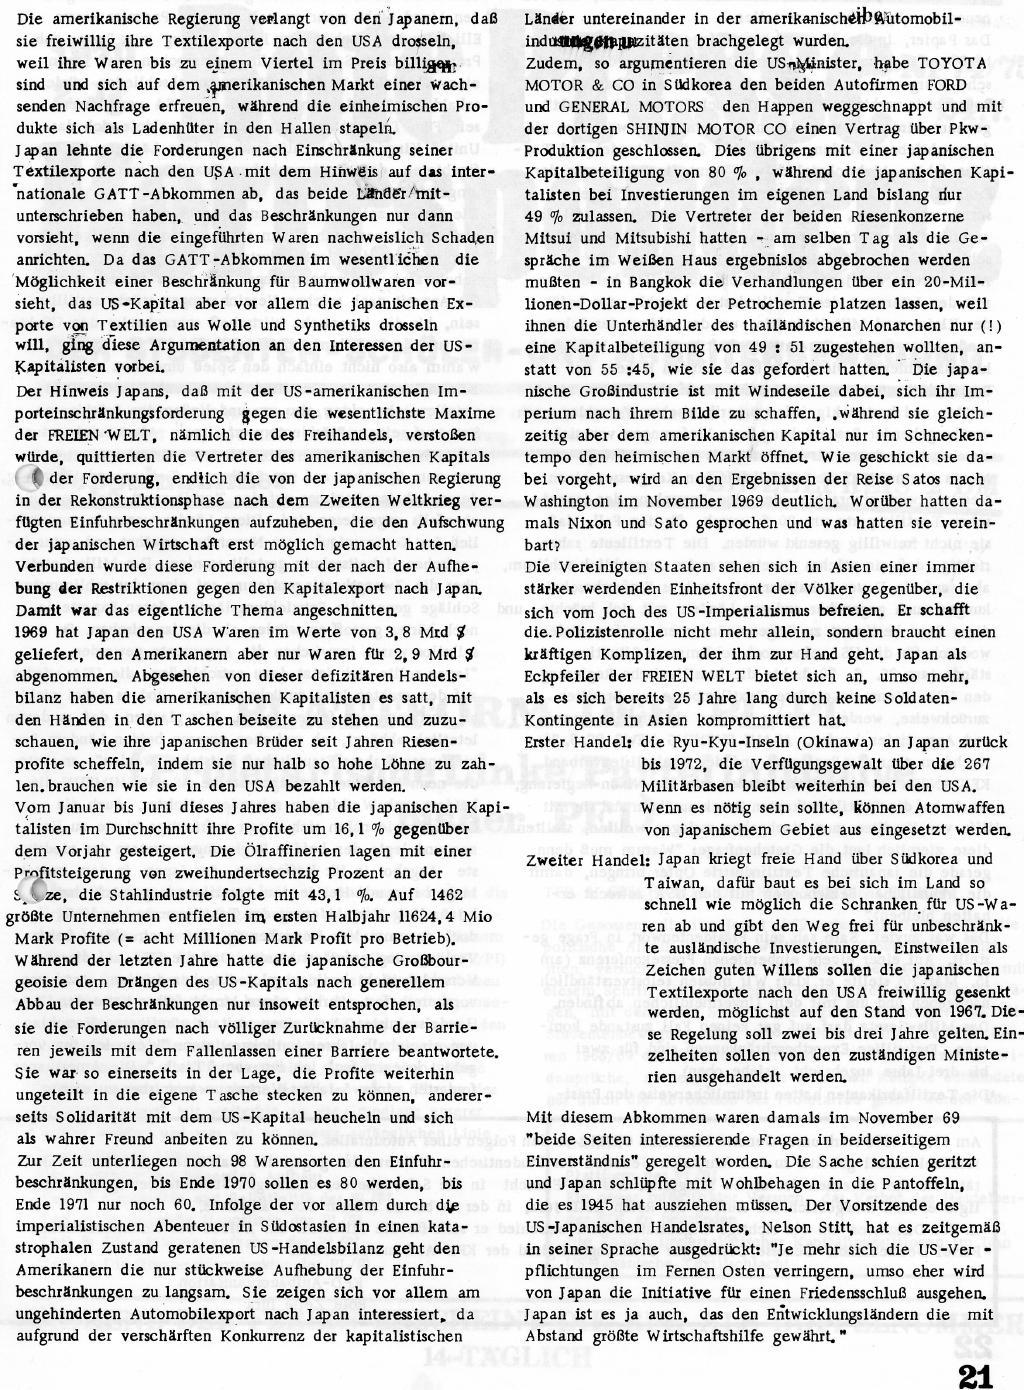 RPK_1970_074_075_21